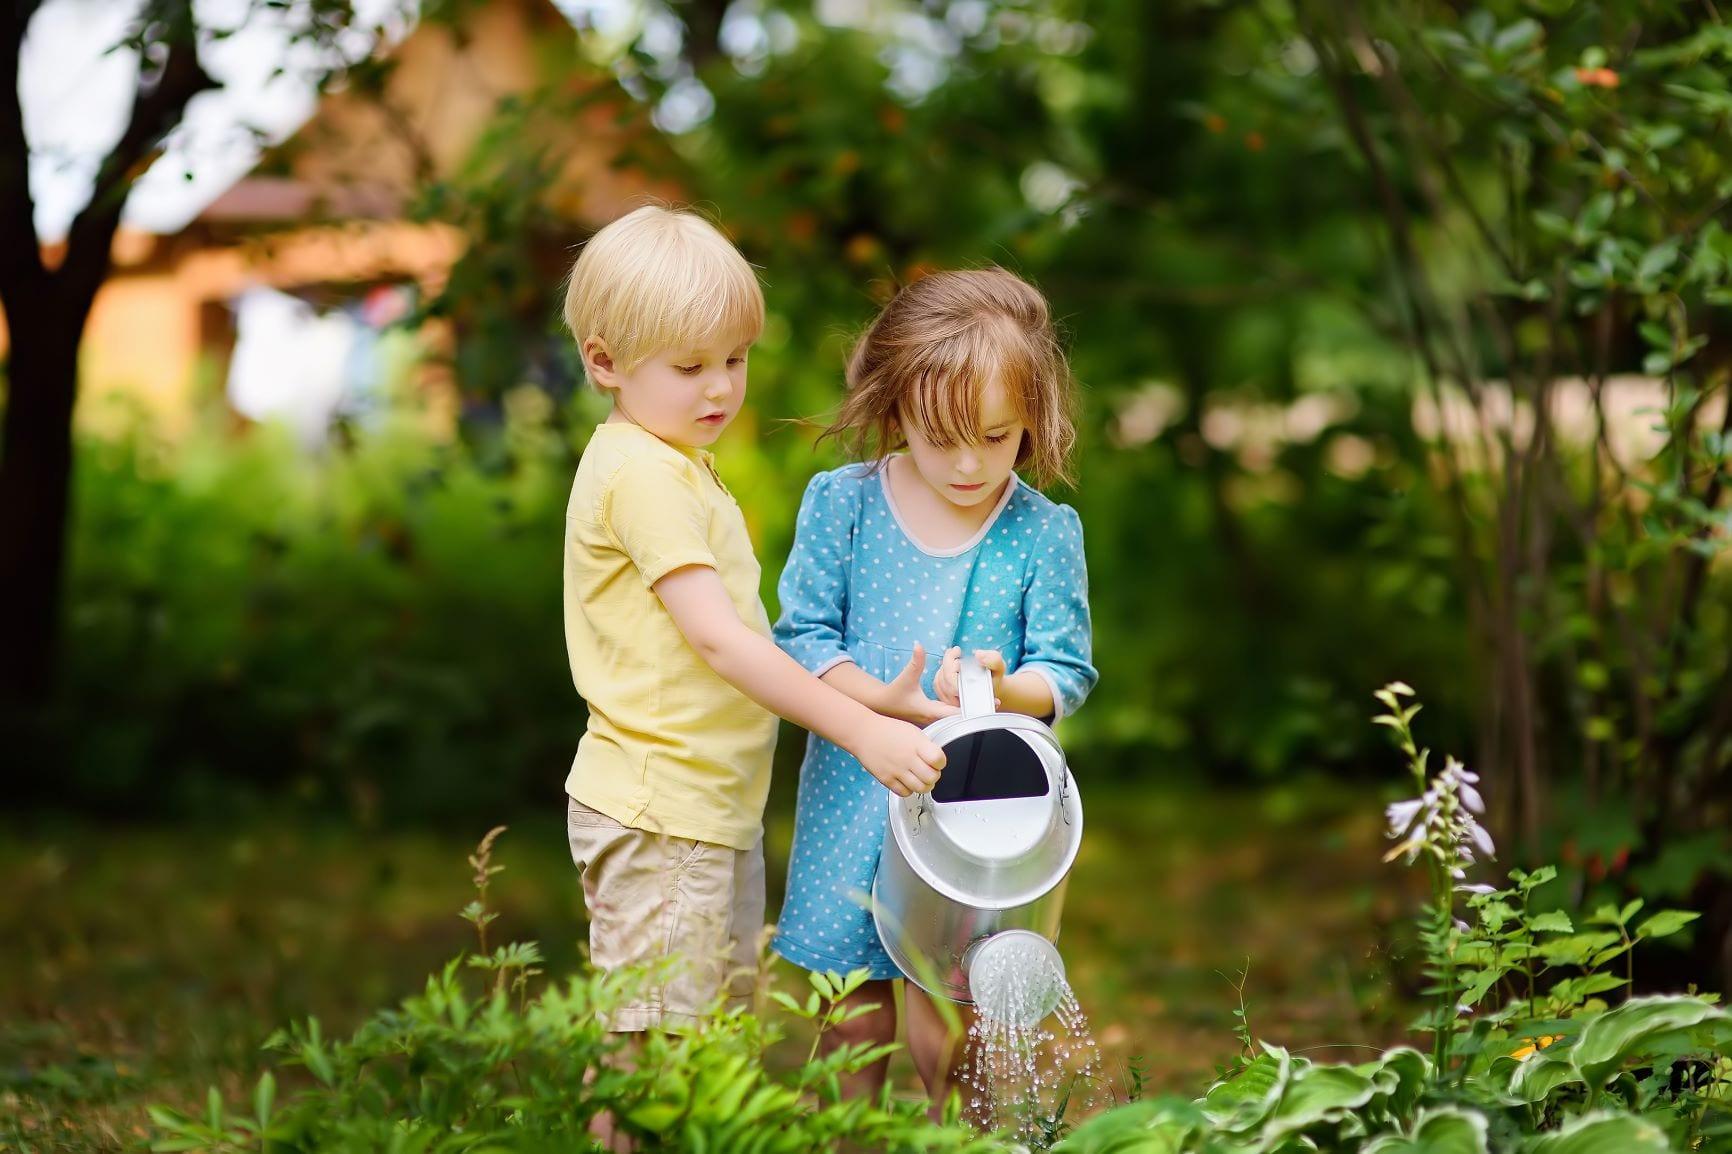 O poder das boas ações: a gentileza é contagiante!